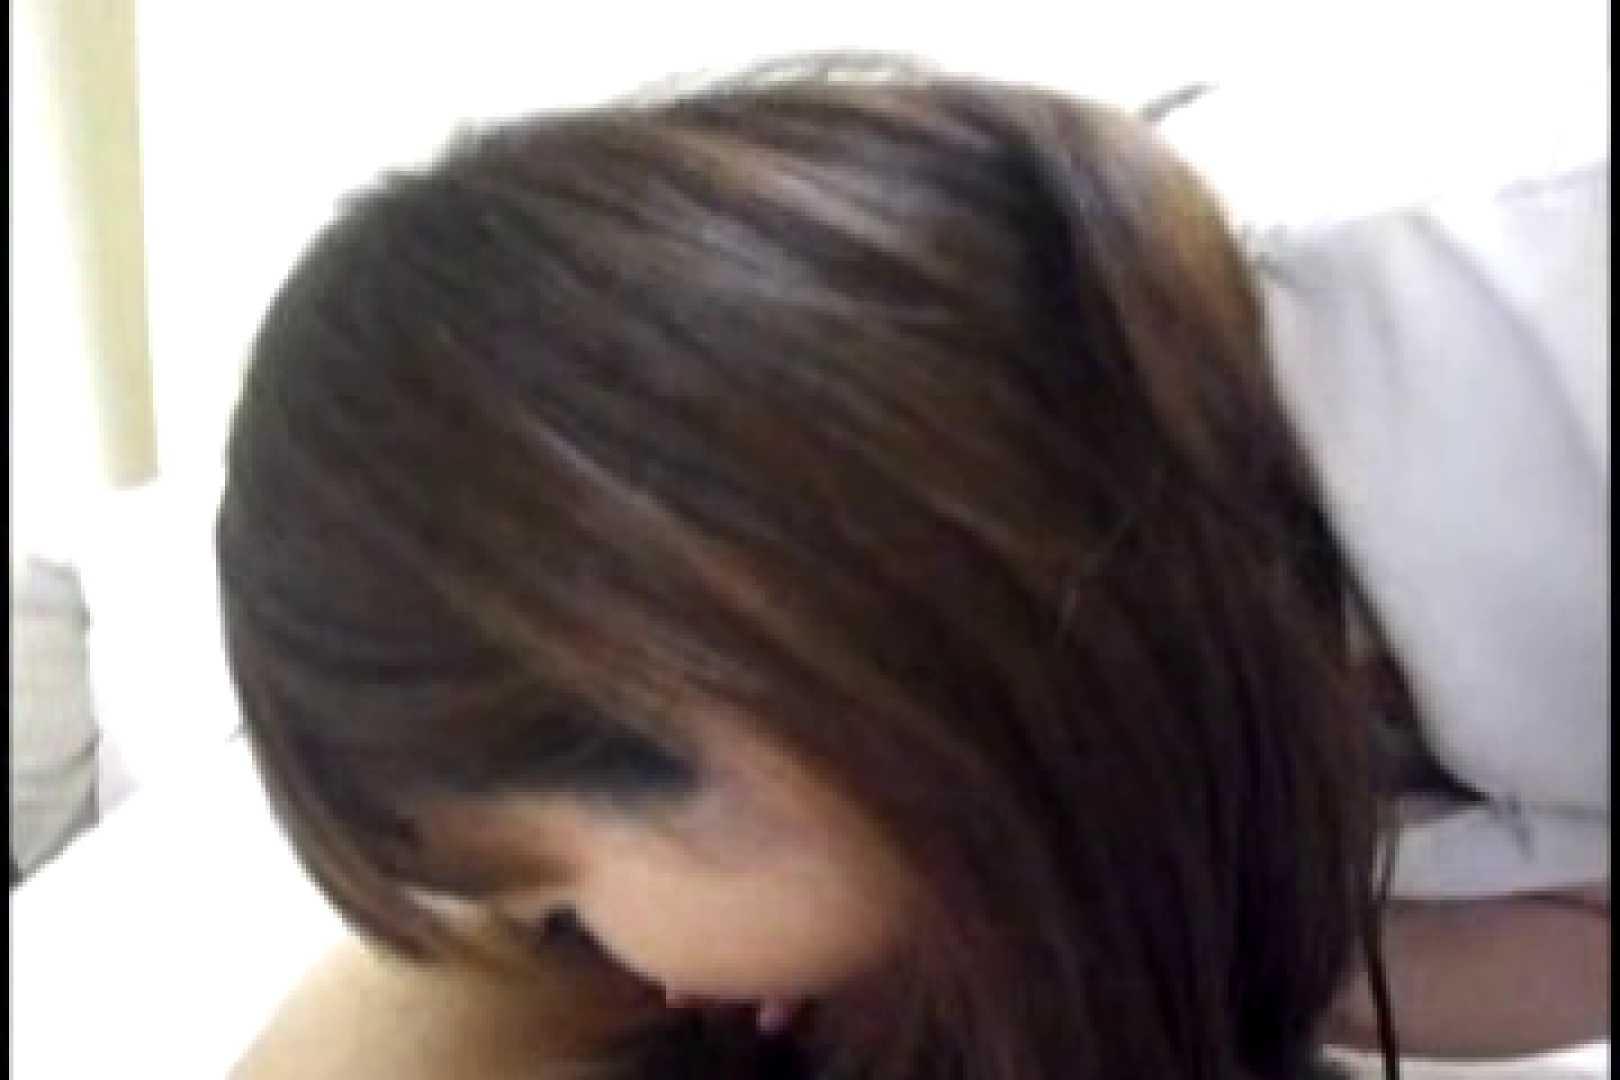 ヤリマンと呼ばれた看護士さんvol1 一般投稿 戯れ無修正画像 112pic 86